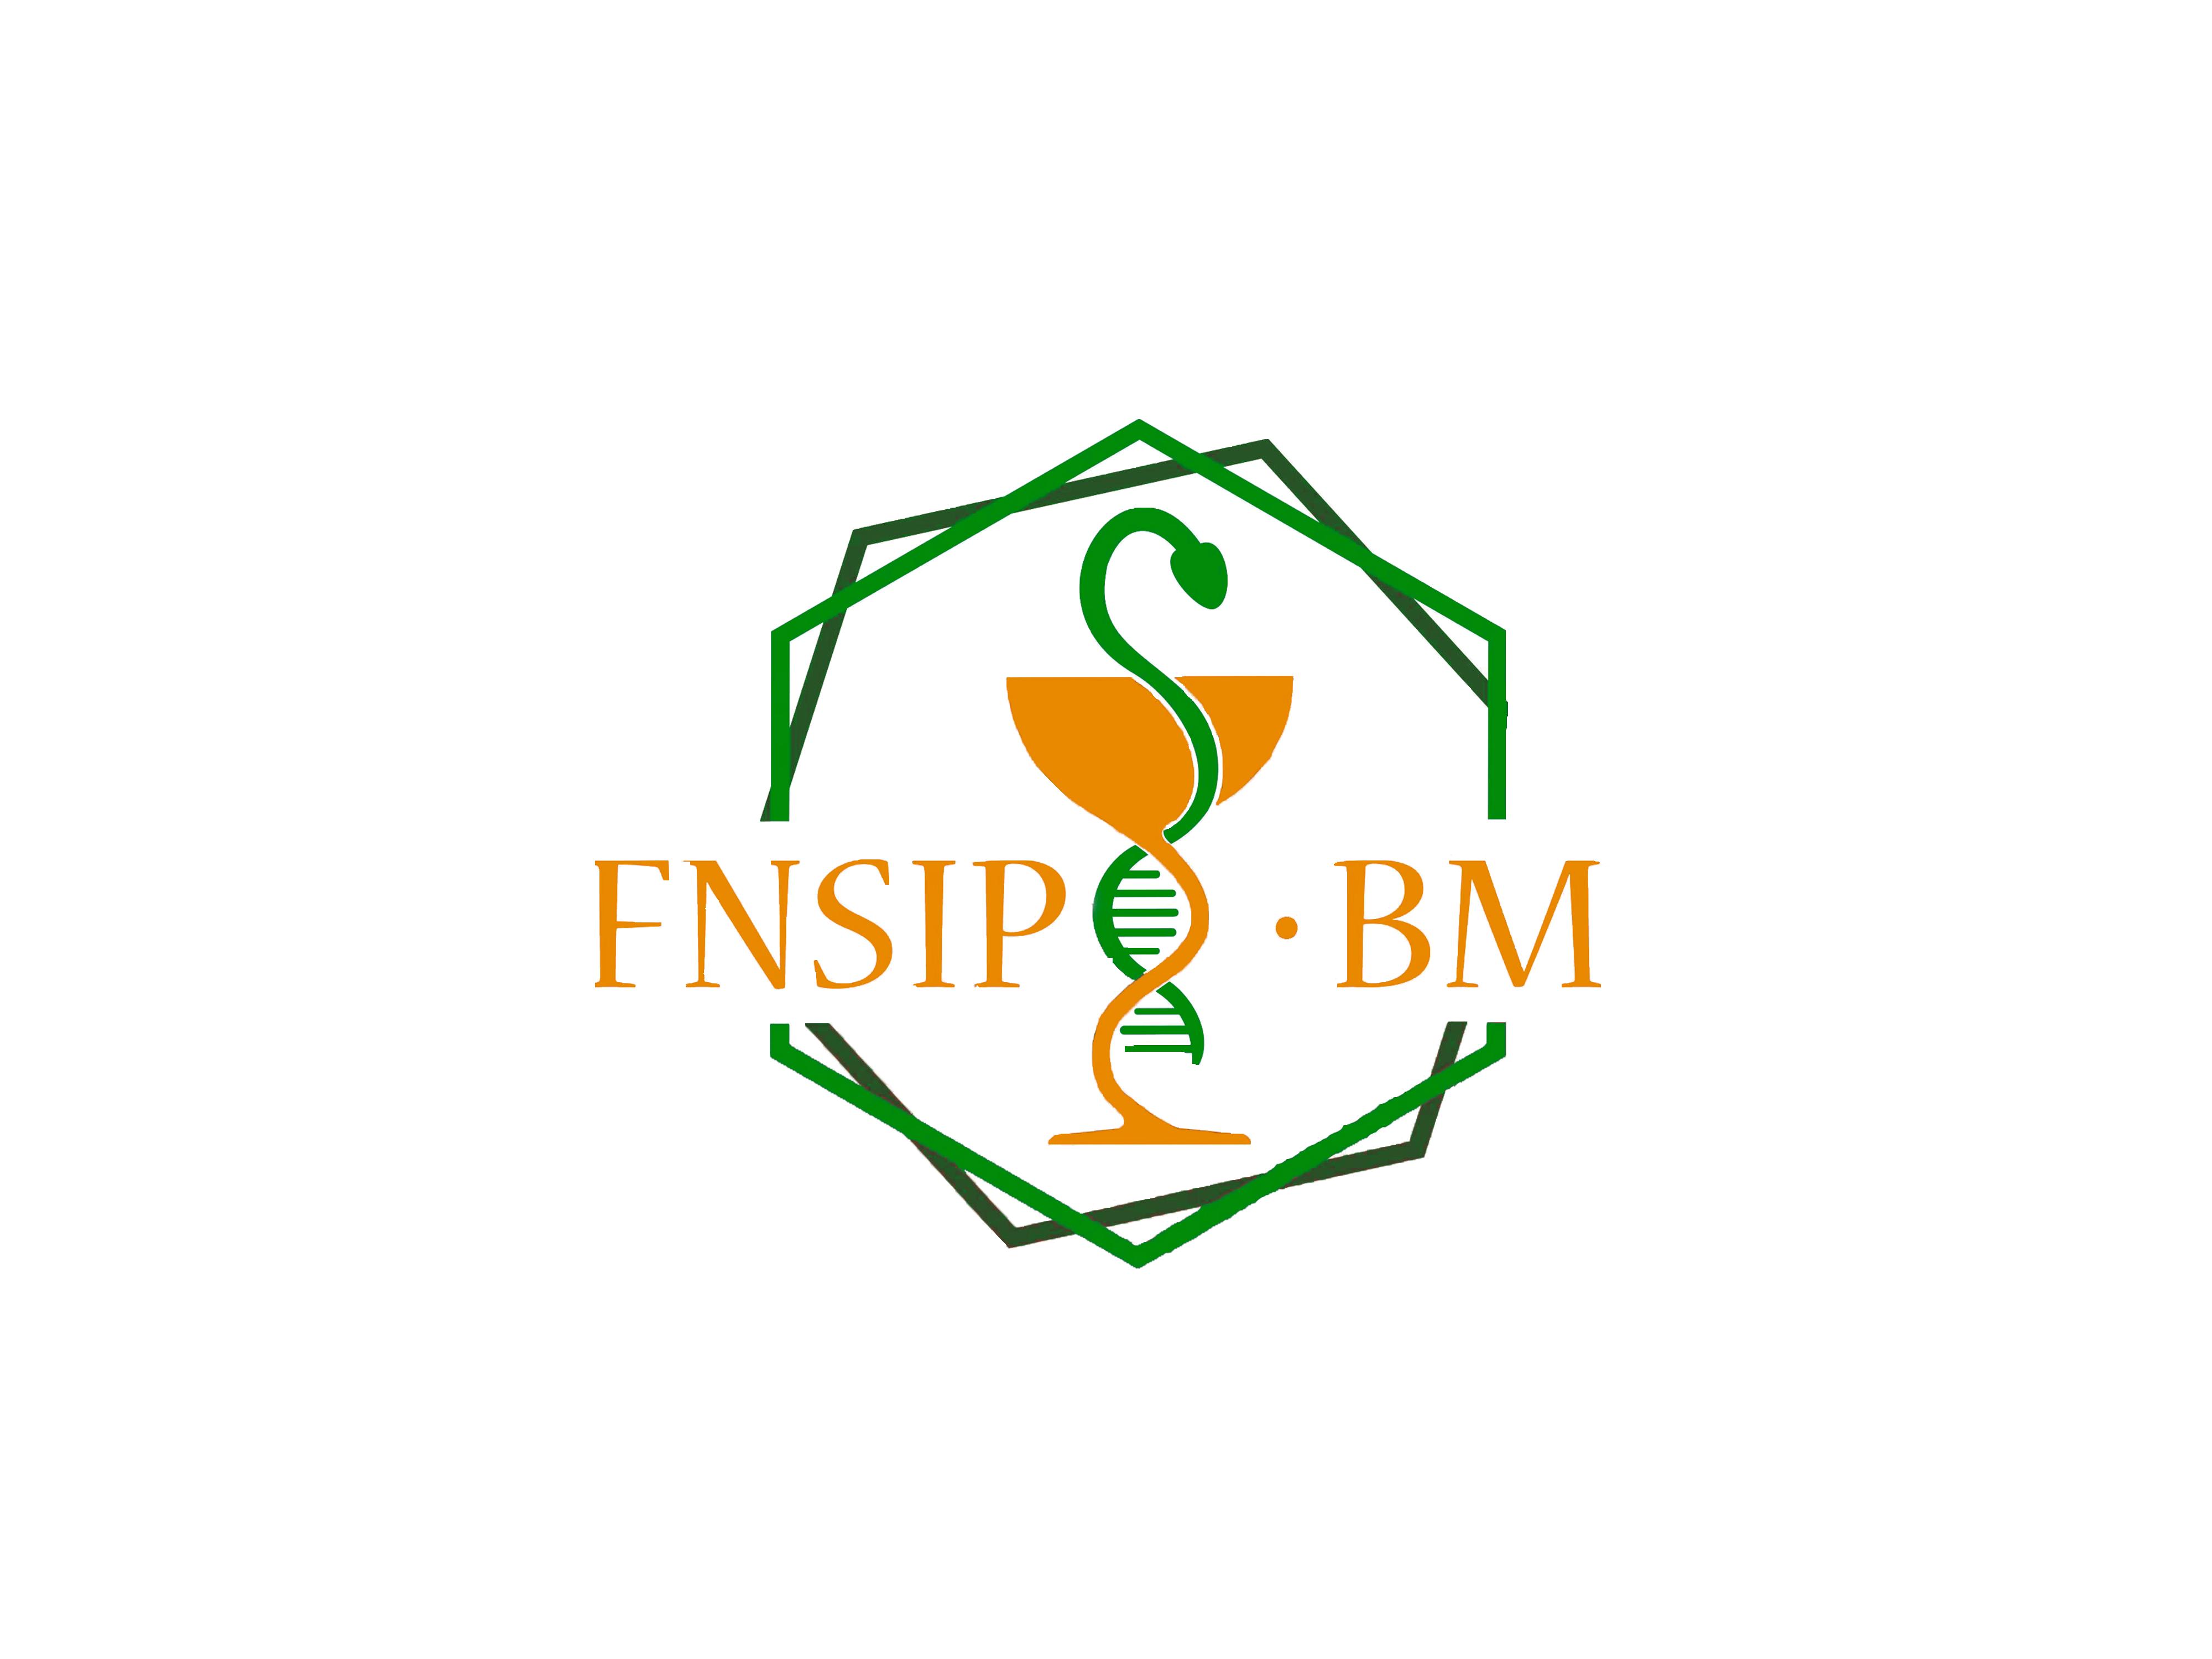 FNSIP.BM